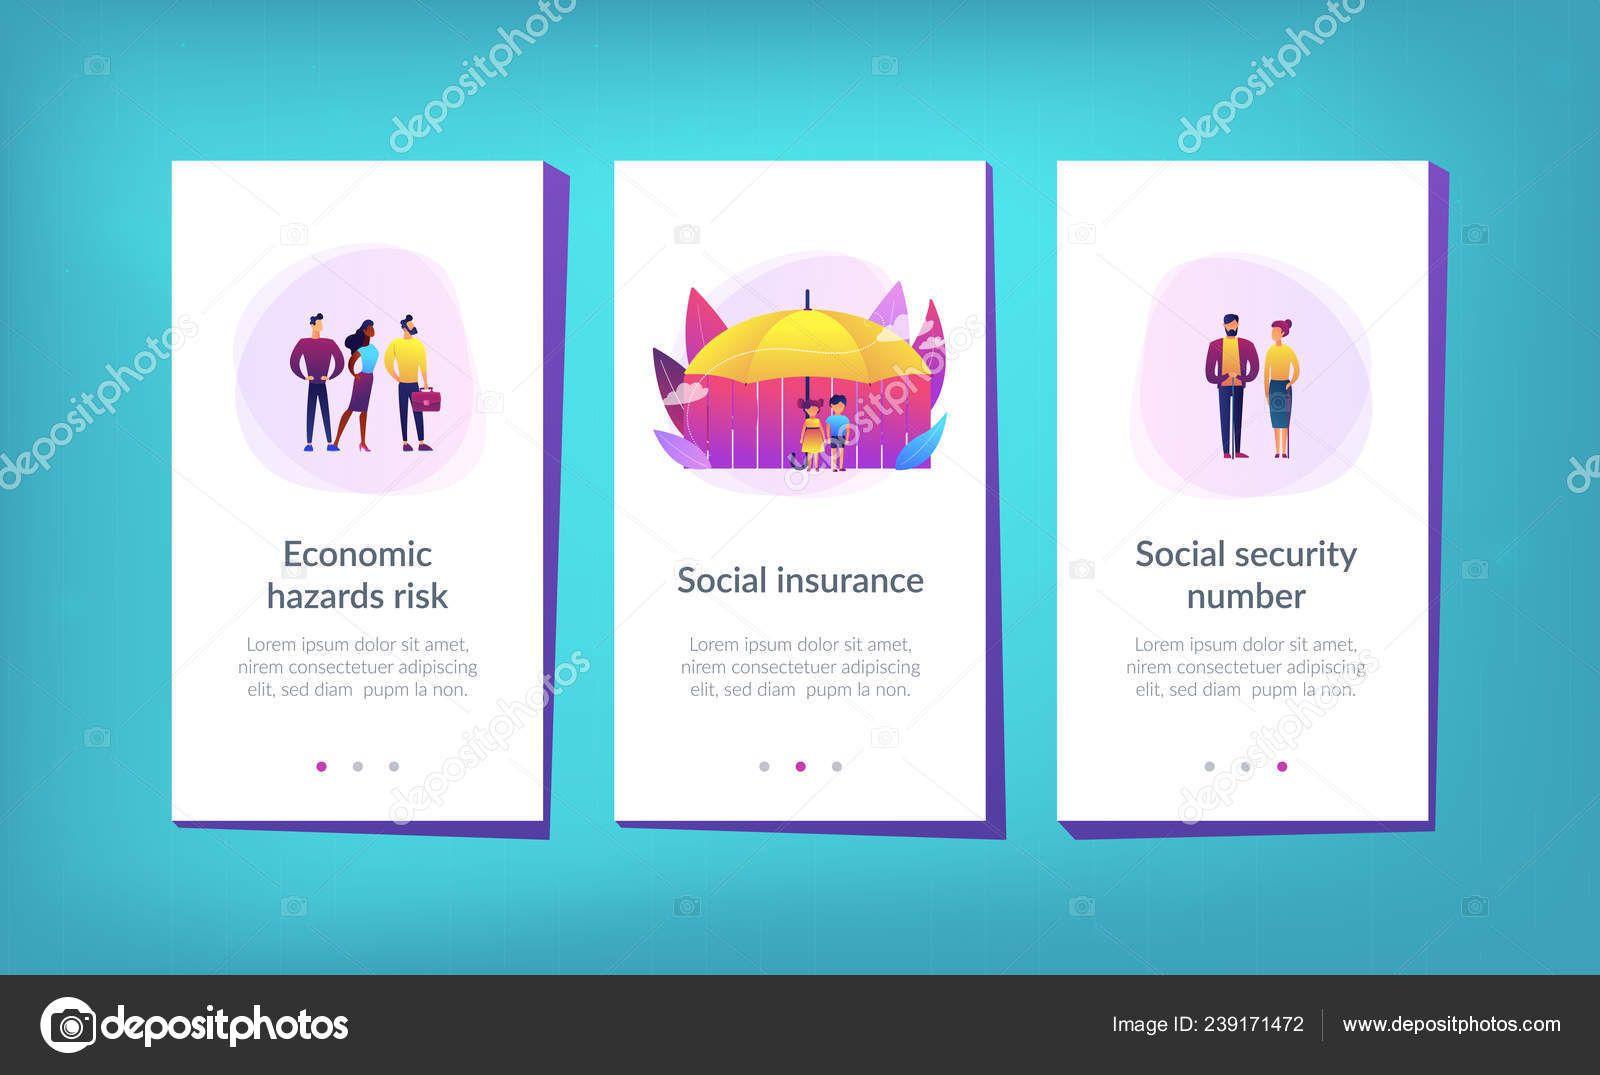 Blank Social Security Card Template Social Insurance App Regarding Blank Social Security Card Template D Card Template Business Template Social Security Card